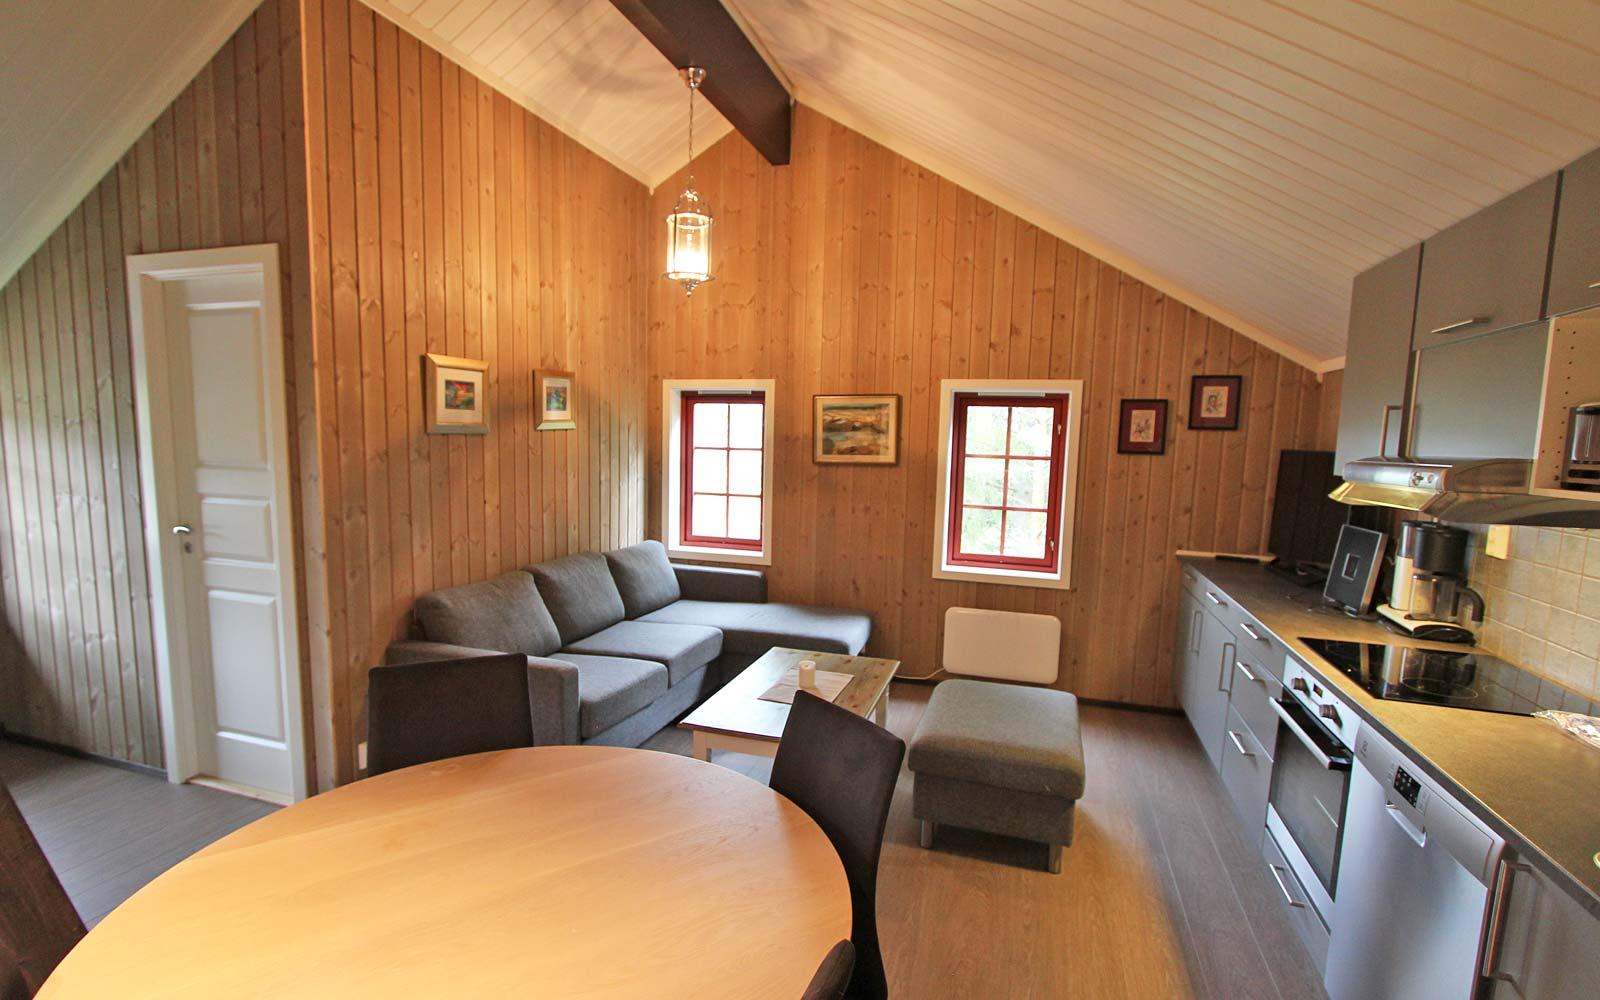 Stue 4 i leiligheten Smørbukk - Sjumilskogen booking Trysil